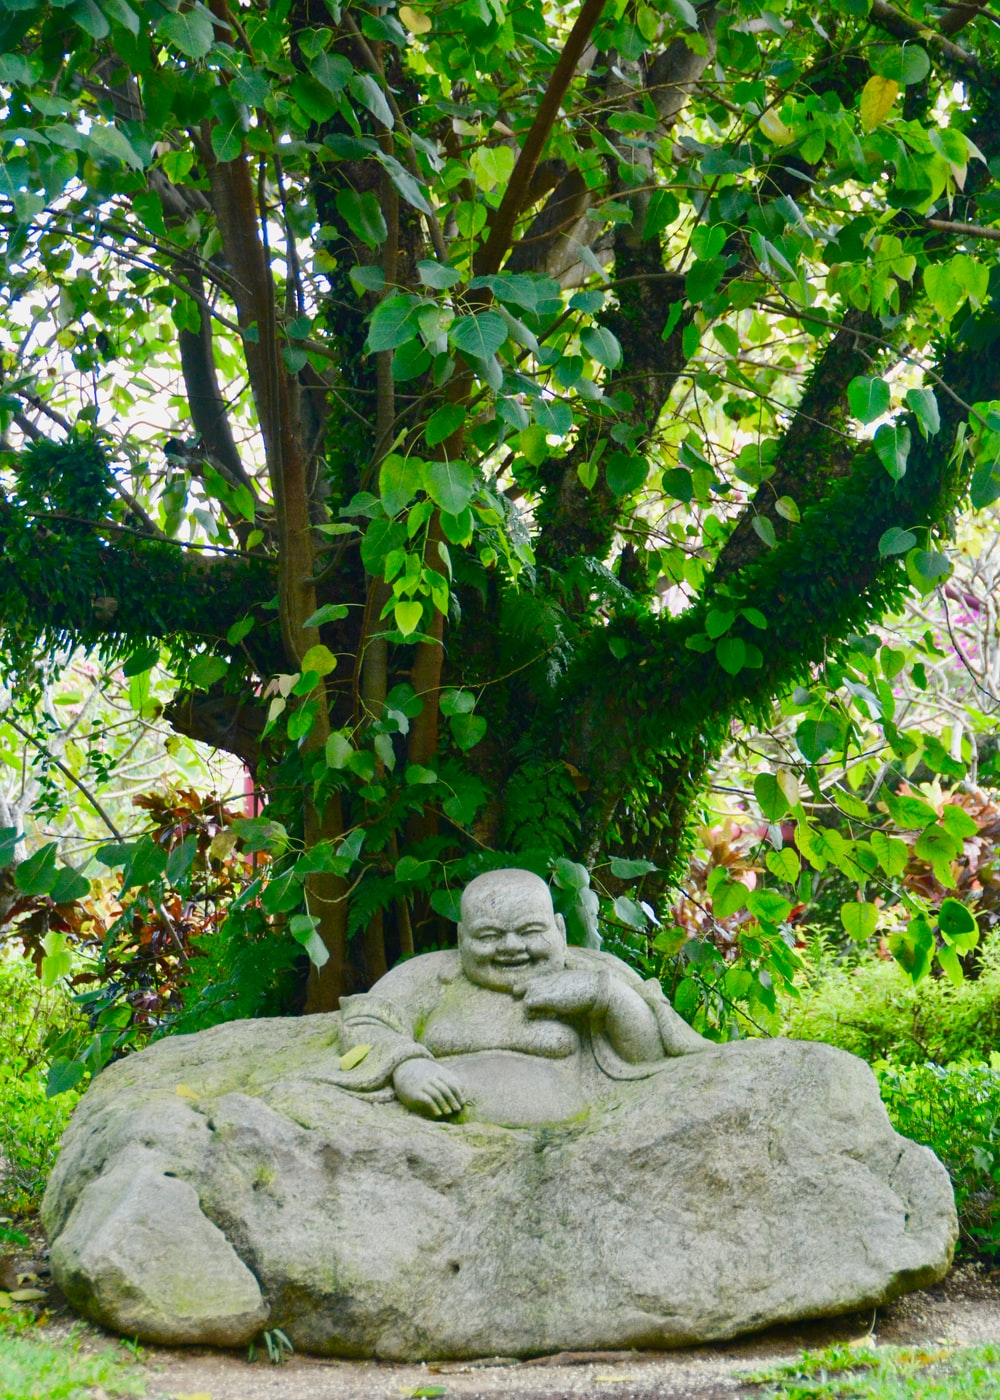 Hotei Buddha statue